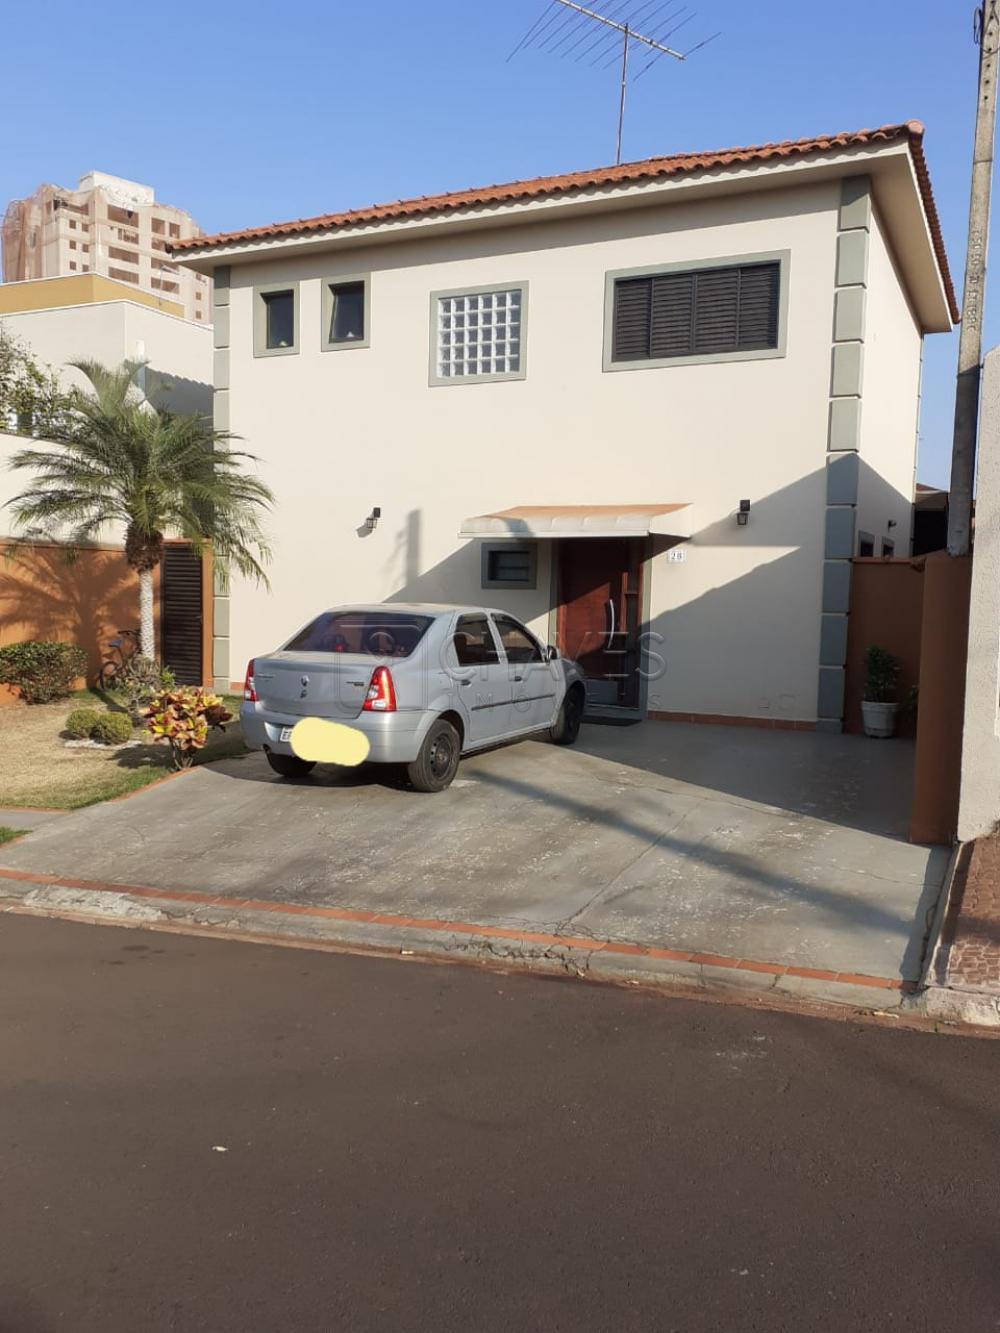 Comprar Casa / Condomínio em Bonfim Paulista apenas R$ 695.000,00 - Foto 1